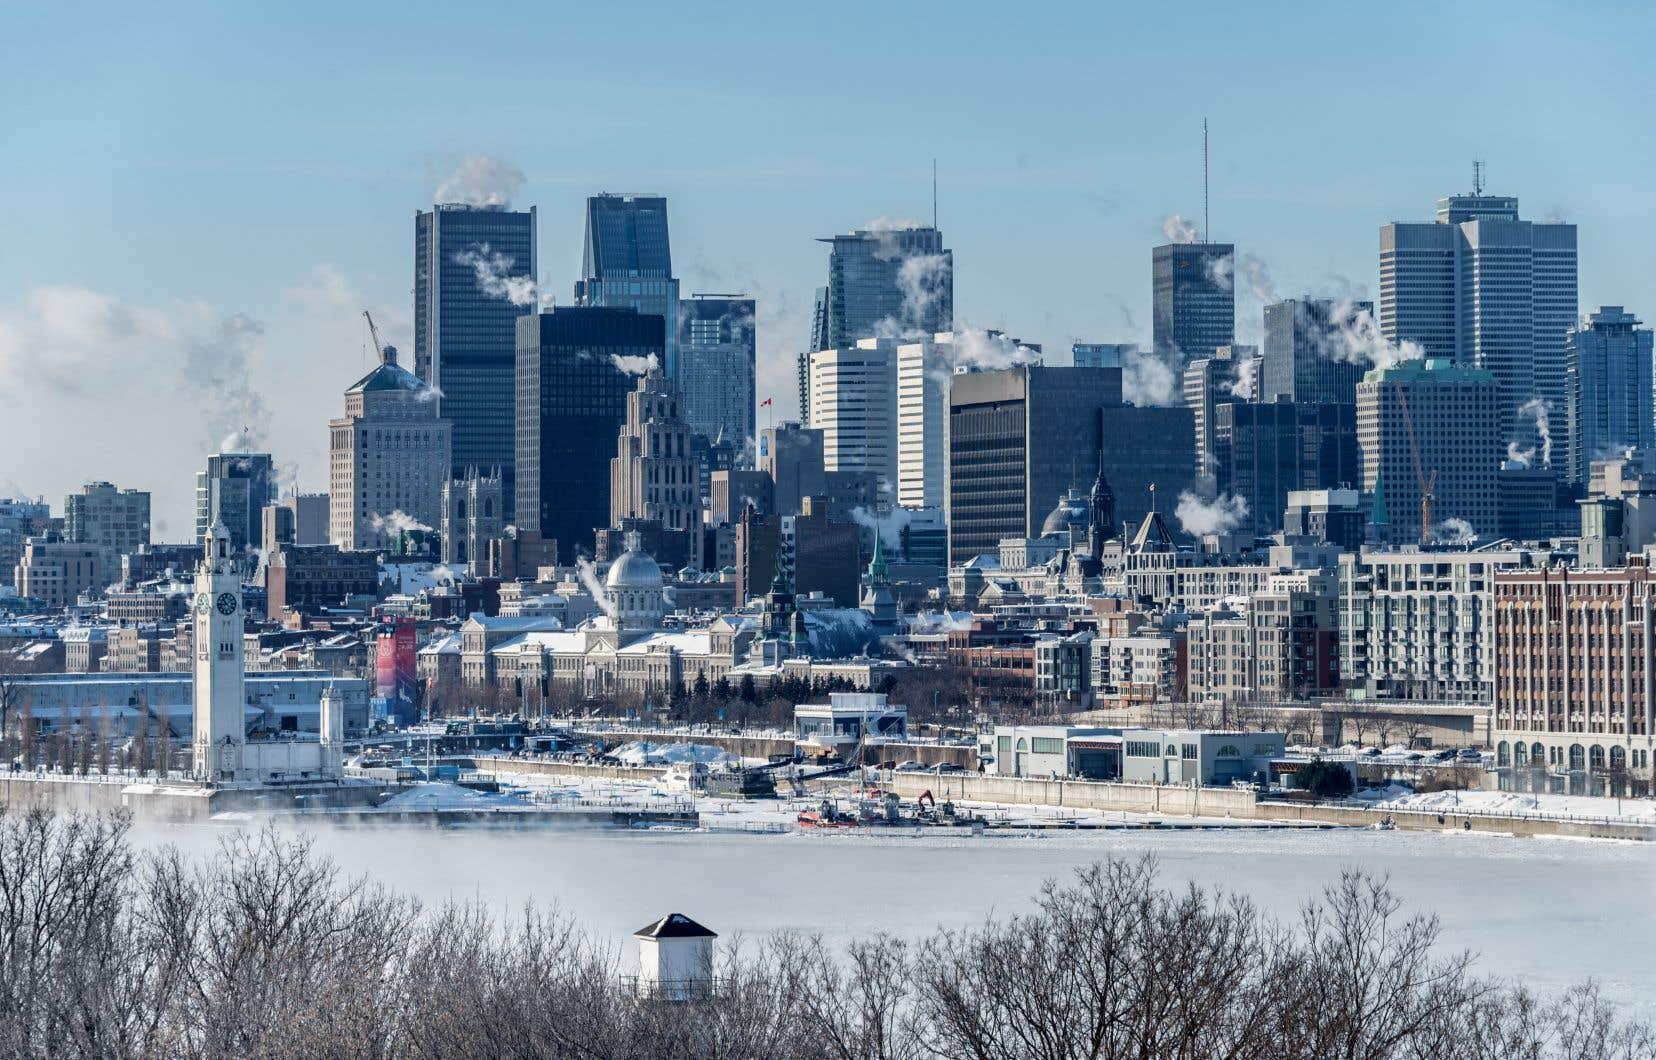 Le Québec veut électrifier les domiciles non seulementsur son territoire, mais aussi en Ontario et aux États-Unis, faisant craindre une exportation exponentielle pour alimenter une surconsommation électrique au prix de la construction d'autres mégabarrages, déplore l'auteur.